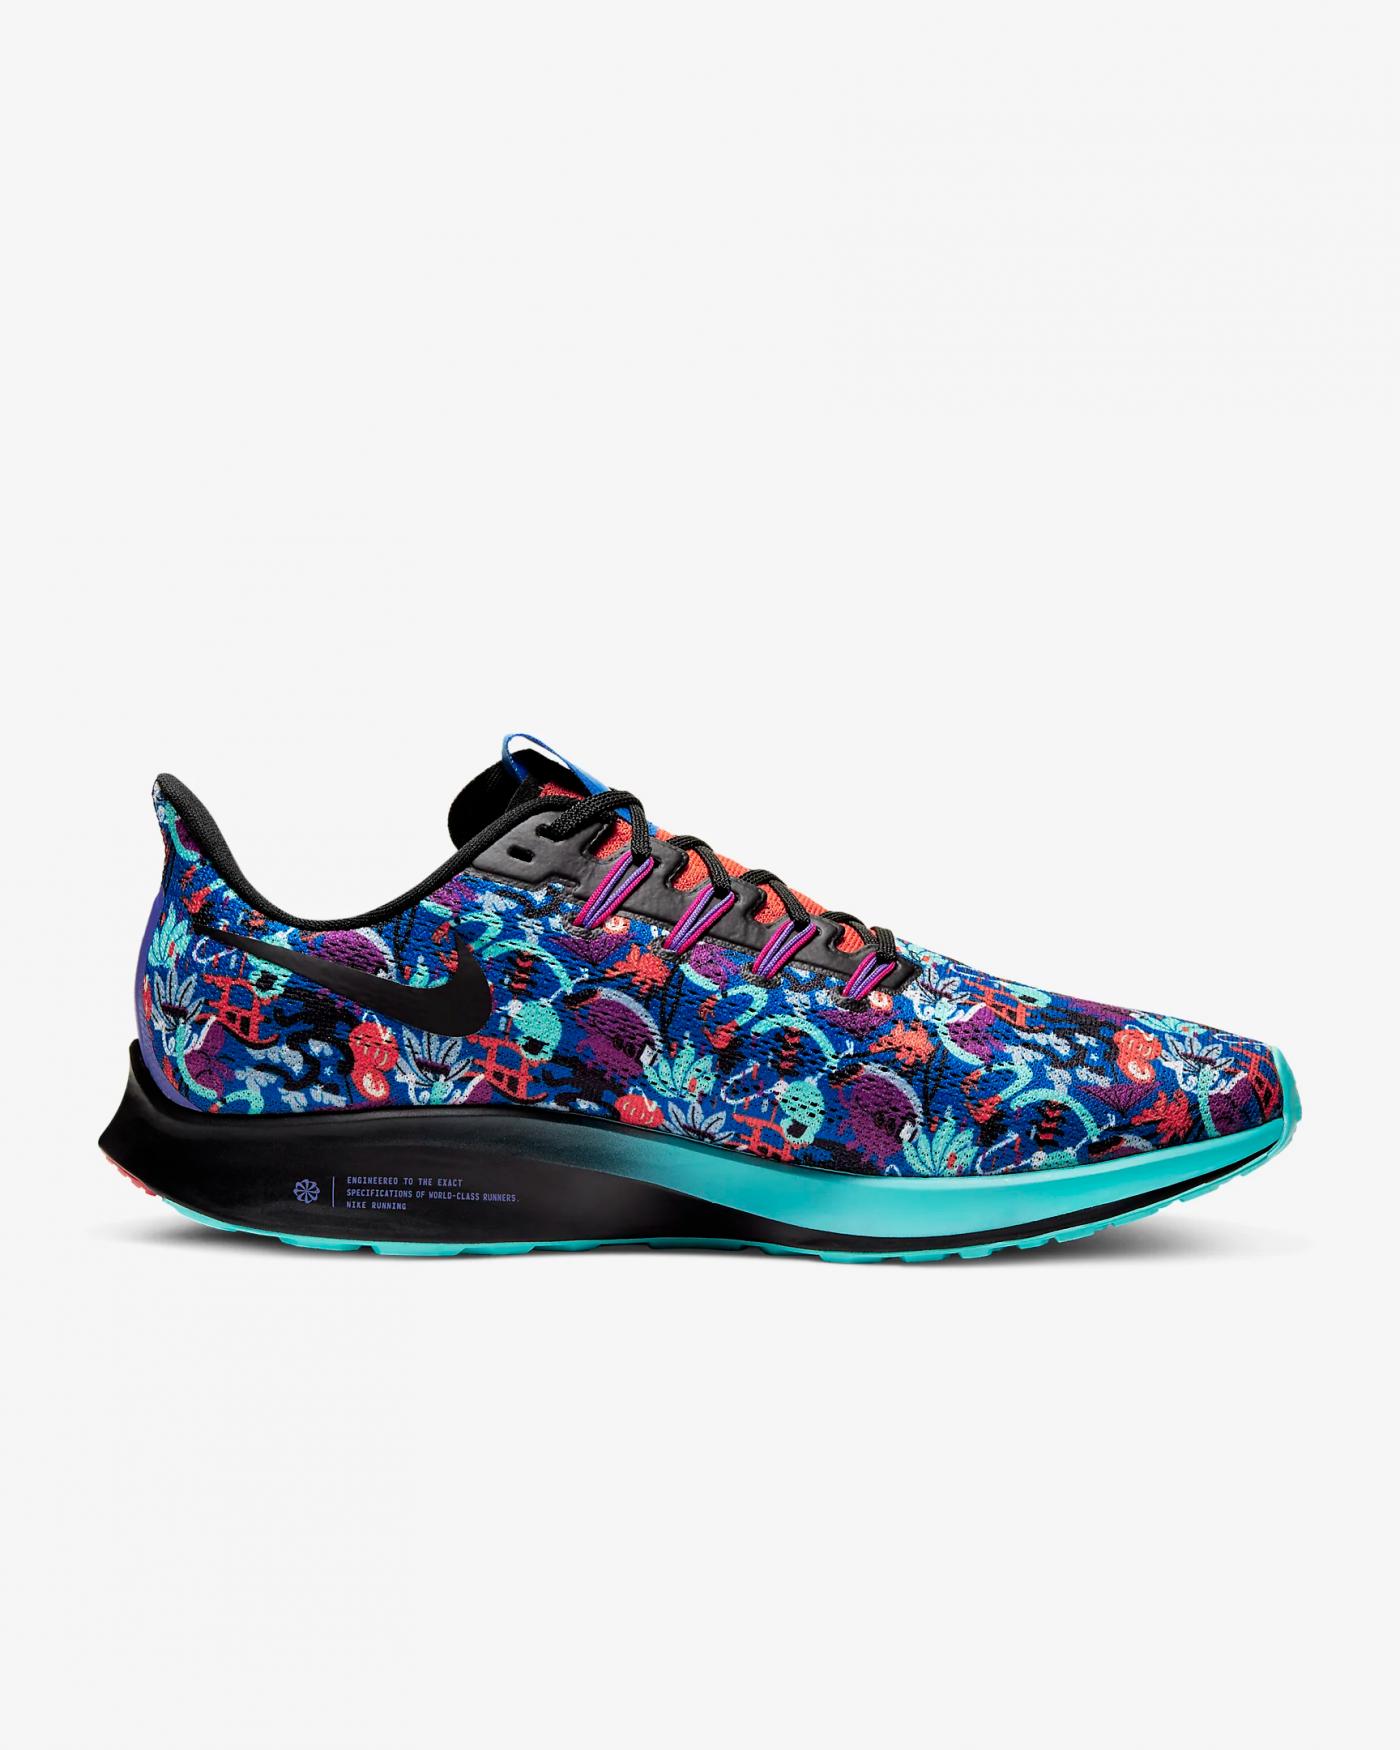 Nike_Pegasus_36_Tokyo_Pack_Runpack_3